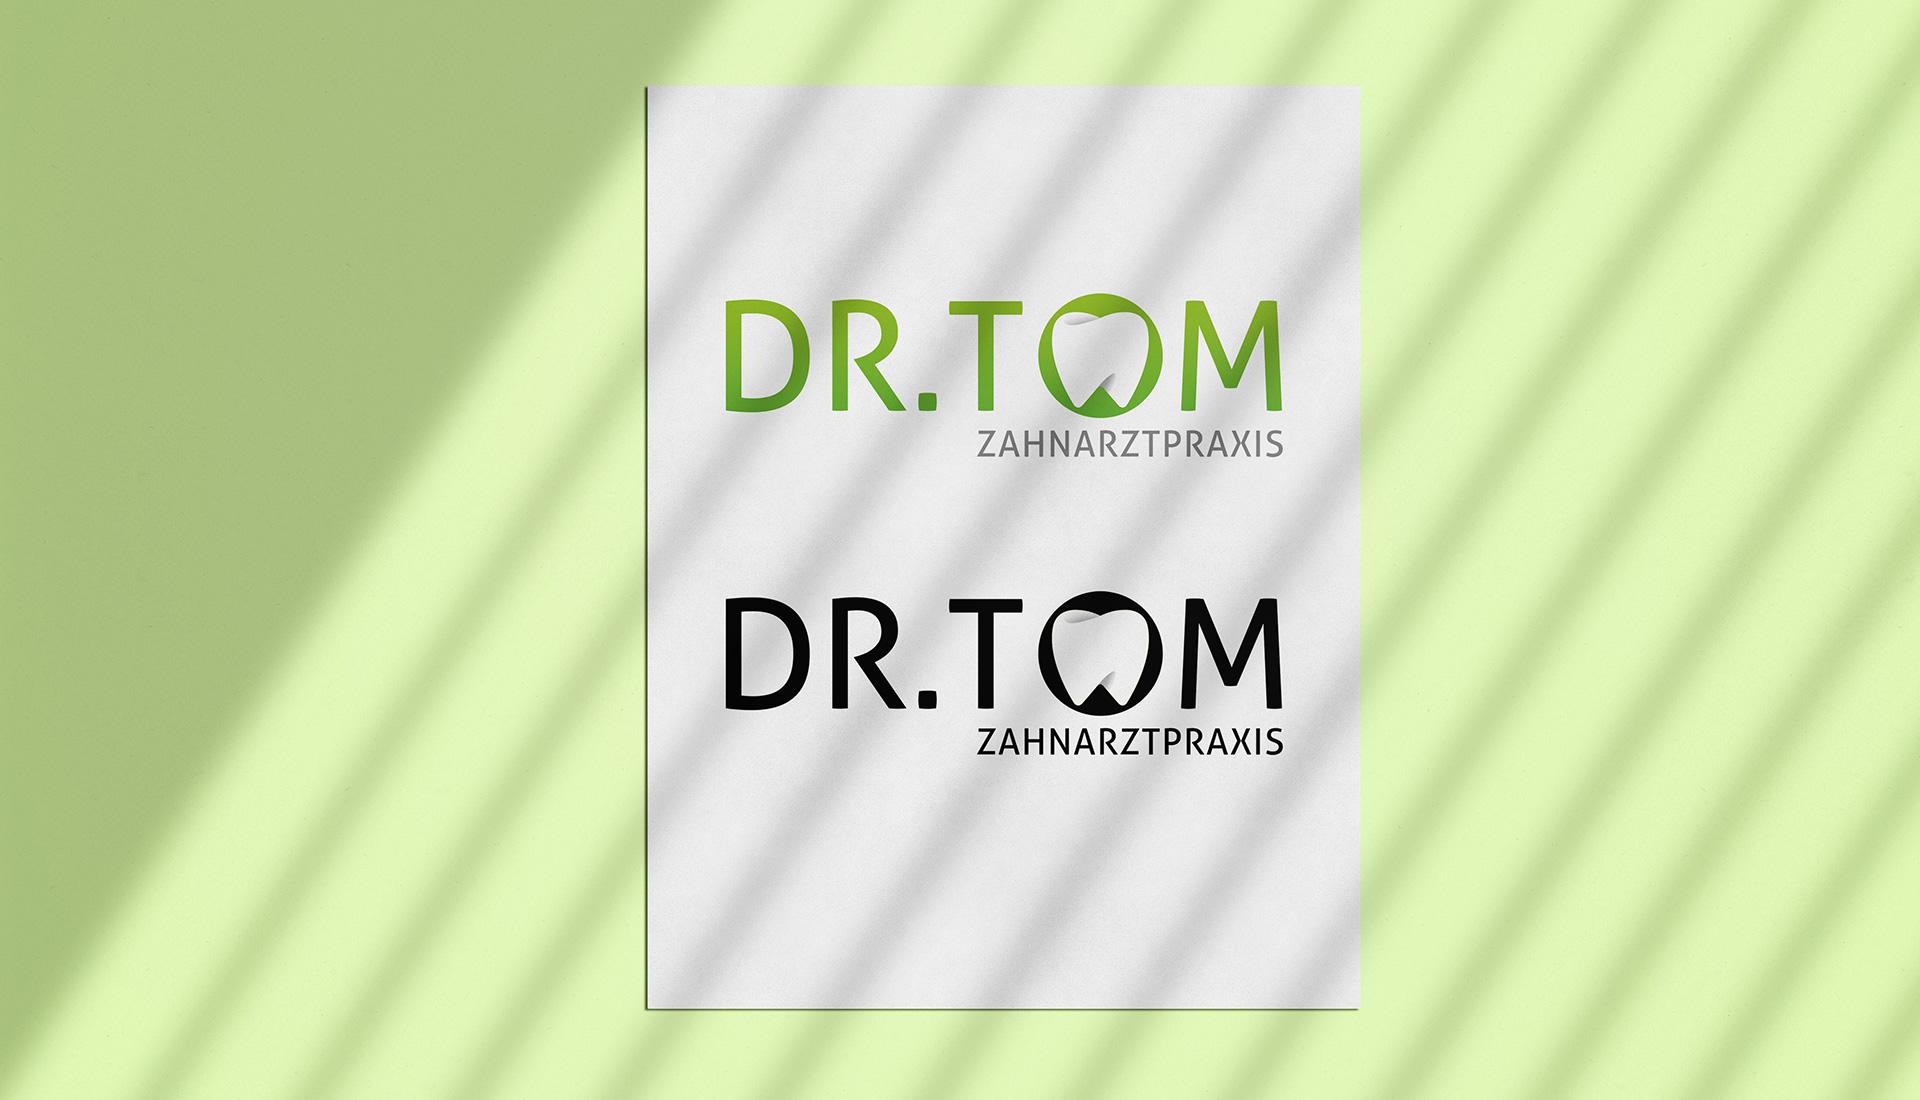 Dr. Tom – Zahnarztpraxis